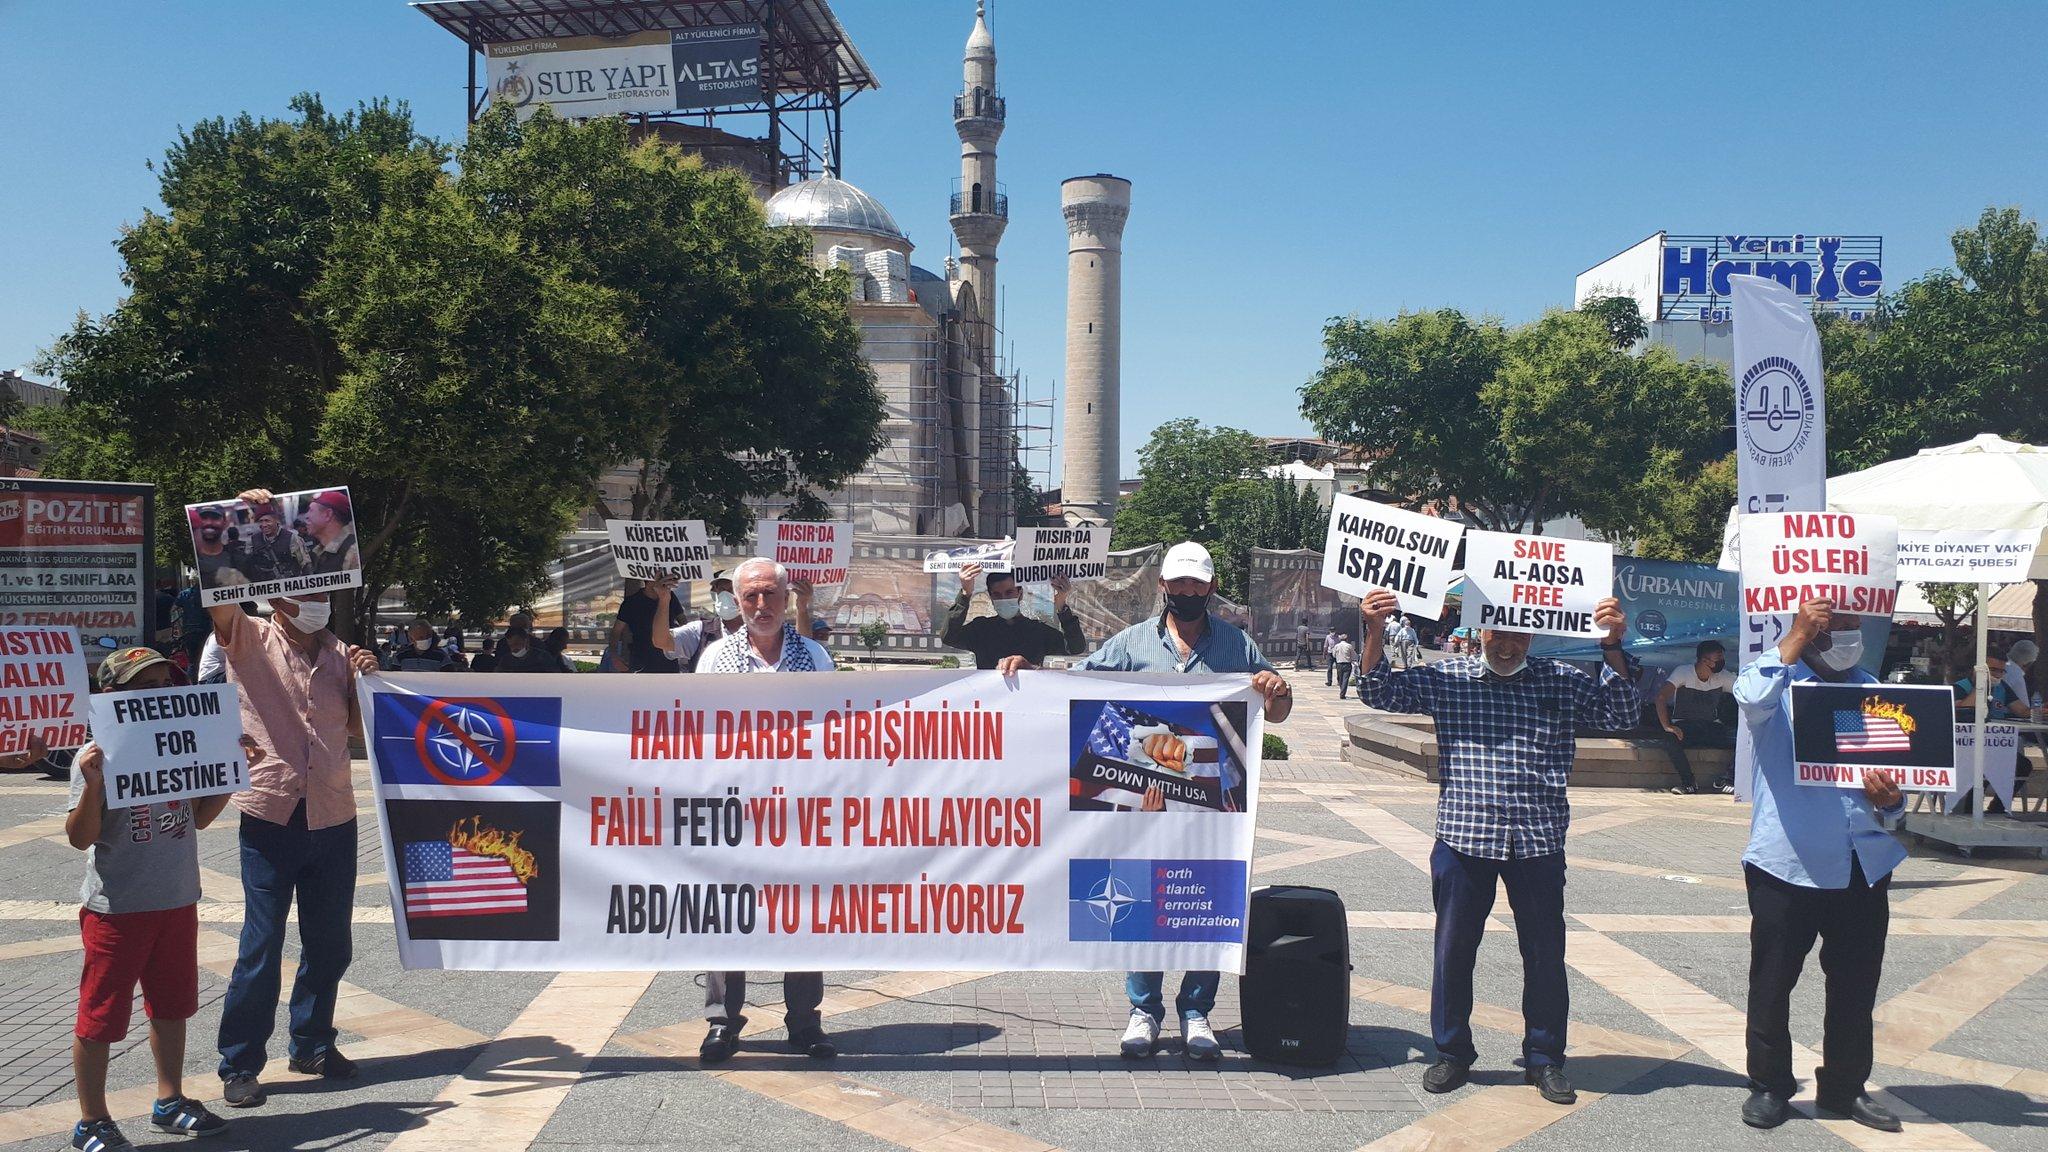 Nato'ya ve Üslerine Hayır Demek ve Korsan İsrail'in Lübnan'a Yönelik Saldırılarını Protesto Etmek İçin Cuma Günü Malatya'dayız